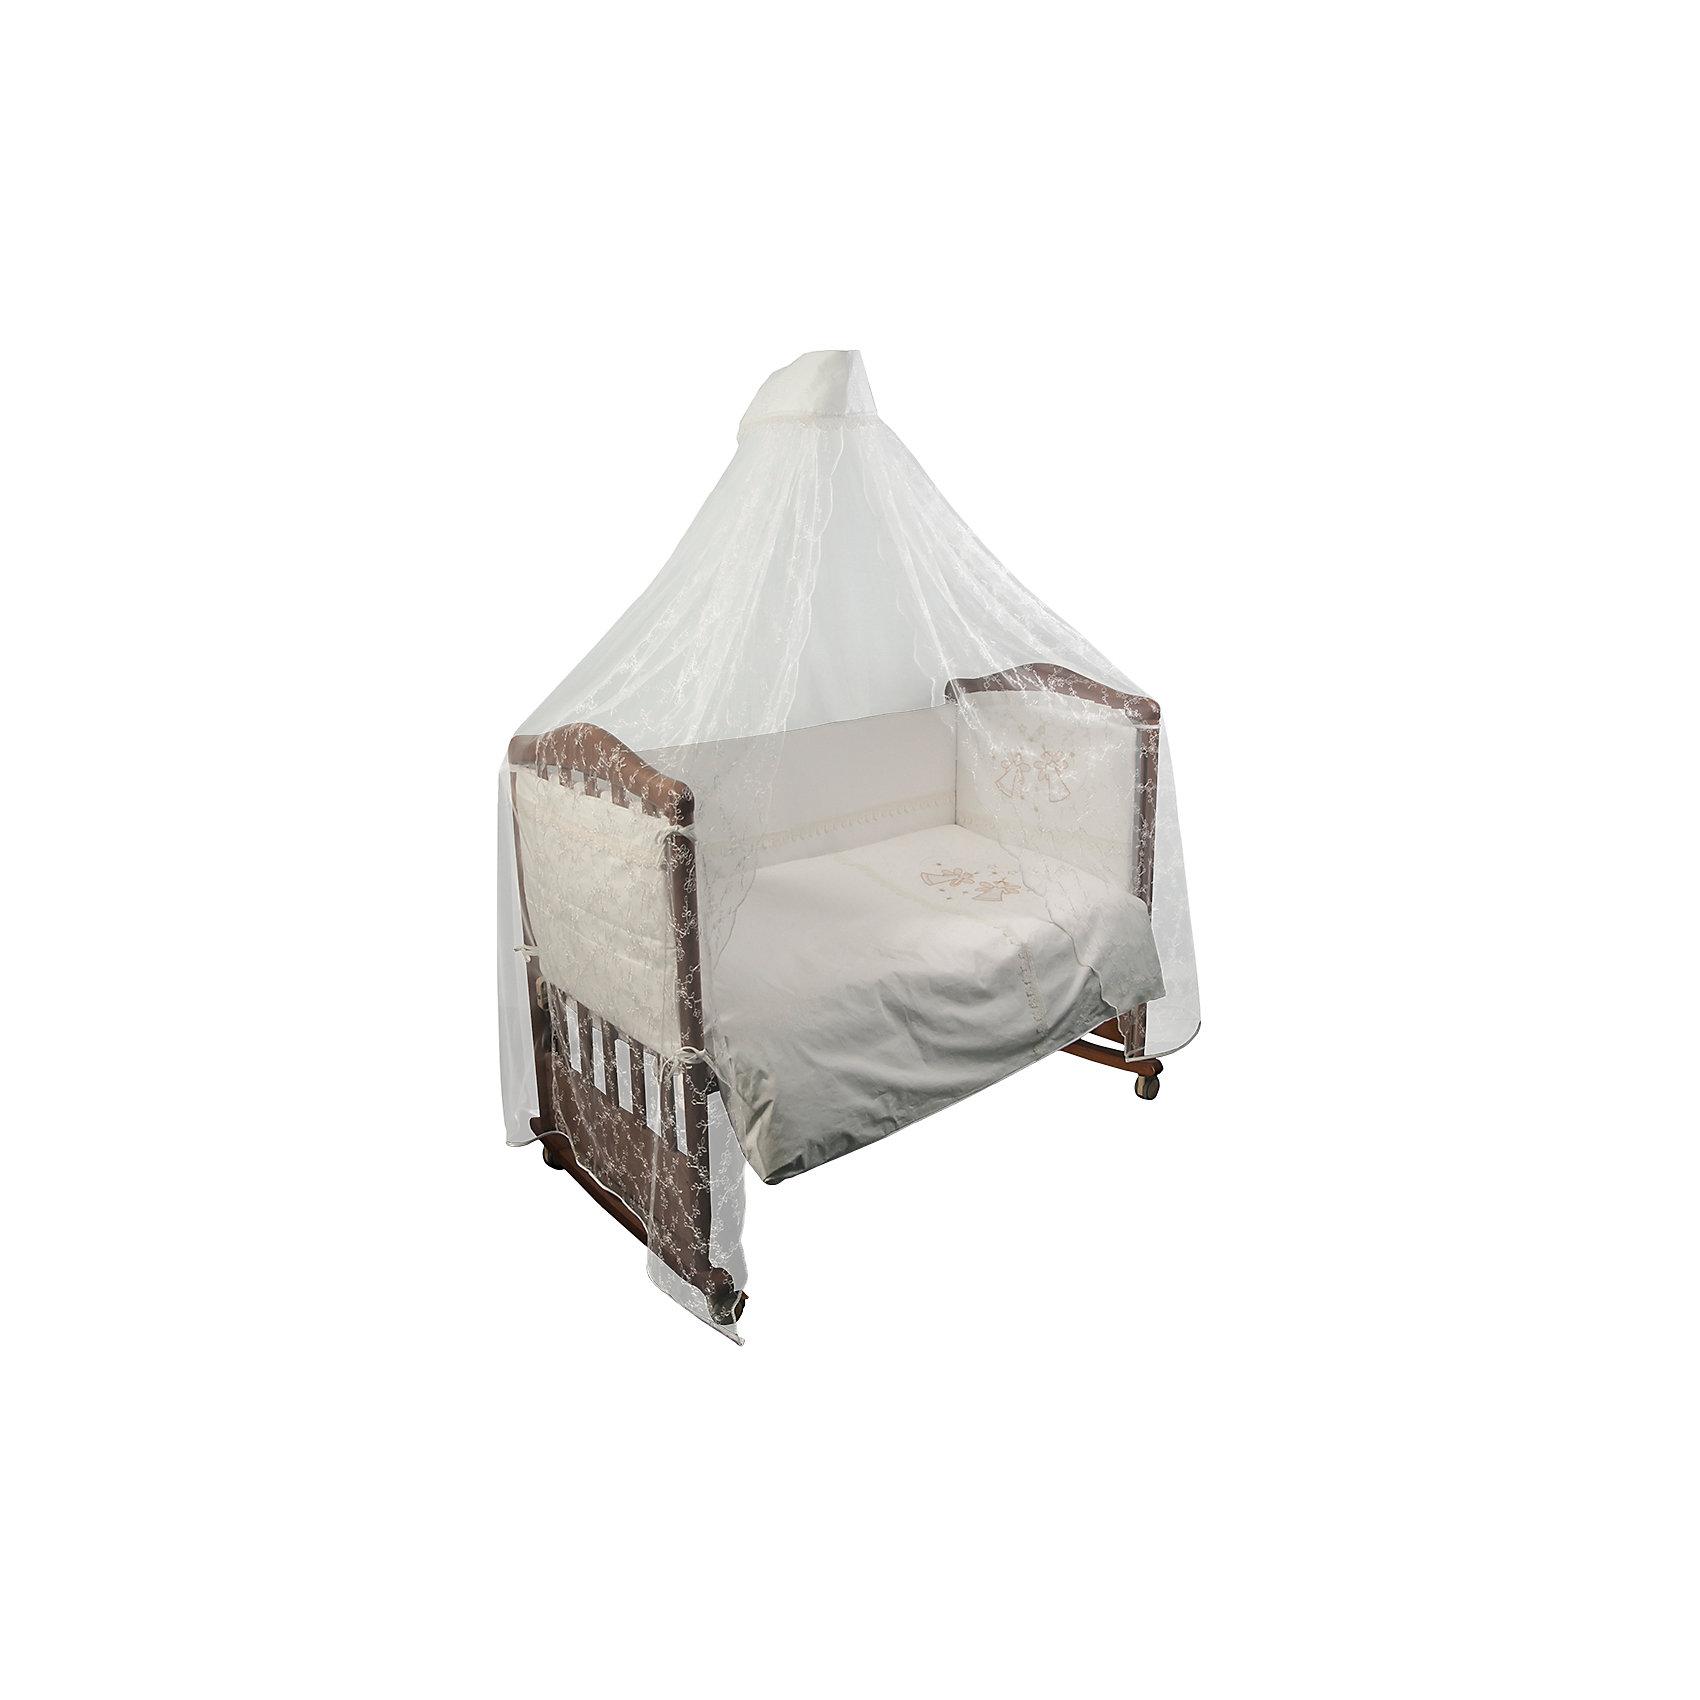 Постельное белье Эльфы 7 пред, Сонный гномик, молочныйПостельное бельё<br>Постельное белье Эльфы 7 предм., Сонный гномик, молочный состоит из постельных принадлежностей, необходимых для детской кроватки: одеяло, подушка, простынь, пододеяльник, наволочка, бортики и балдахин. Комплект подходит для кроваток любого типа стандартного размера 120*60 см. Все изделия комплекта выполнены из сатина высокого качества, который обладает устойчивостью к деформации и изменению цвета, даже при частых стирках не образуются потертости и катышки. В одеяле и подушке в качестве наполнителя использован холлофайбер, который обладает высокой воздухопроницаемостью, водоотталкивающими и гипоаллергенными свойствами. Бортик для кроватки состоит из четырех частей, которые крепятся за счет завязок. Комплект выполнен в молочном цвете, украшен вышивкой  и кружевом.   <br>Постельное белье Эльфы 7 предм., Сонный гномик, молочный обеспечит ребенку крепкий, здоровый и безопасный сон. <br><br>Дополнительная информация:<br><br>- Предназначение: для детской кроватки<br>- Комплектация: одеяло и пододеяльник (110*140 см), подушка и наволочка (40*60 см), простынь (100*140 см), бортики из четырех частей, балдахин (4 м)<br>- Материал: сатин, полиэстер (балдахин)<br>- Наполнитель: холлофайбер<br>- Пол: для мальчика/для девочки<br>- Цвет: молочный, бежевый<br>- Размеры упаковки (Д*Ш*В): 65*20*50 см<br>- Вес: 3 кг 750 г<br>- Особенности ухода: разрешается стирка при температуре не более 40 градусов<br><br>Подробнее:<br><br>• Для детей в возрасте от 0 месяцев и до 4 лет<br>• Страна производитель: Россия<br>• Торговый бренд: Leader kids<br><br>Постельное белье Эльфы 7 предм., Сонный гномик, молочный можно купить в нашем интернет-магазине.<br><br>Ширина мм: 650<br>Глубина мм: 200<br>Высота мм: 500<br>Вес г: 3750<br>Возраст от месяцев: 0<br>Возраст до месяцев: 48<br>Пол: Унисекс<br>Возраст: Детский<br>SKU: 4922758